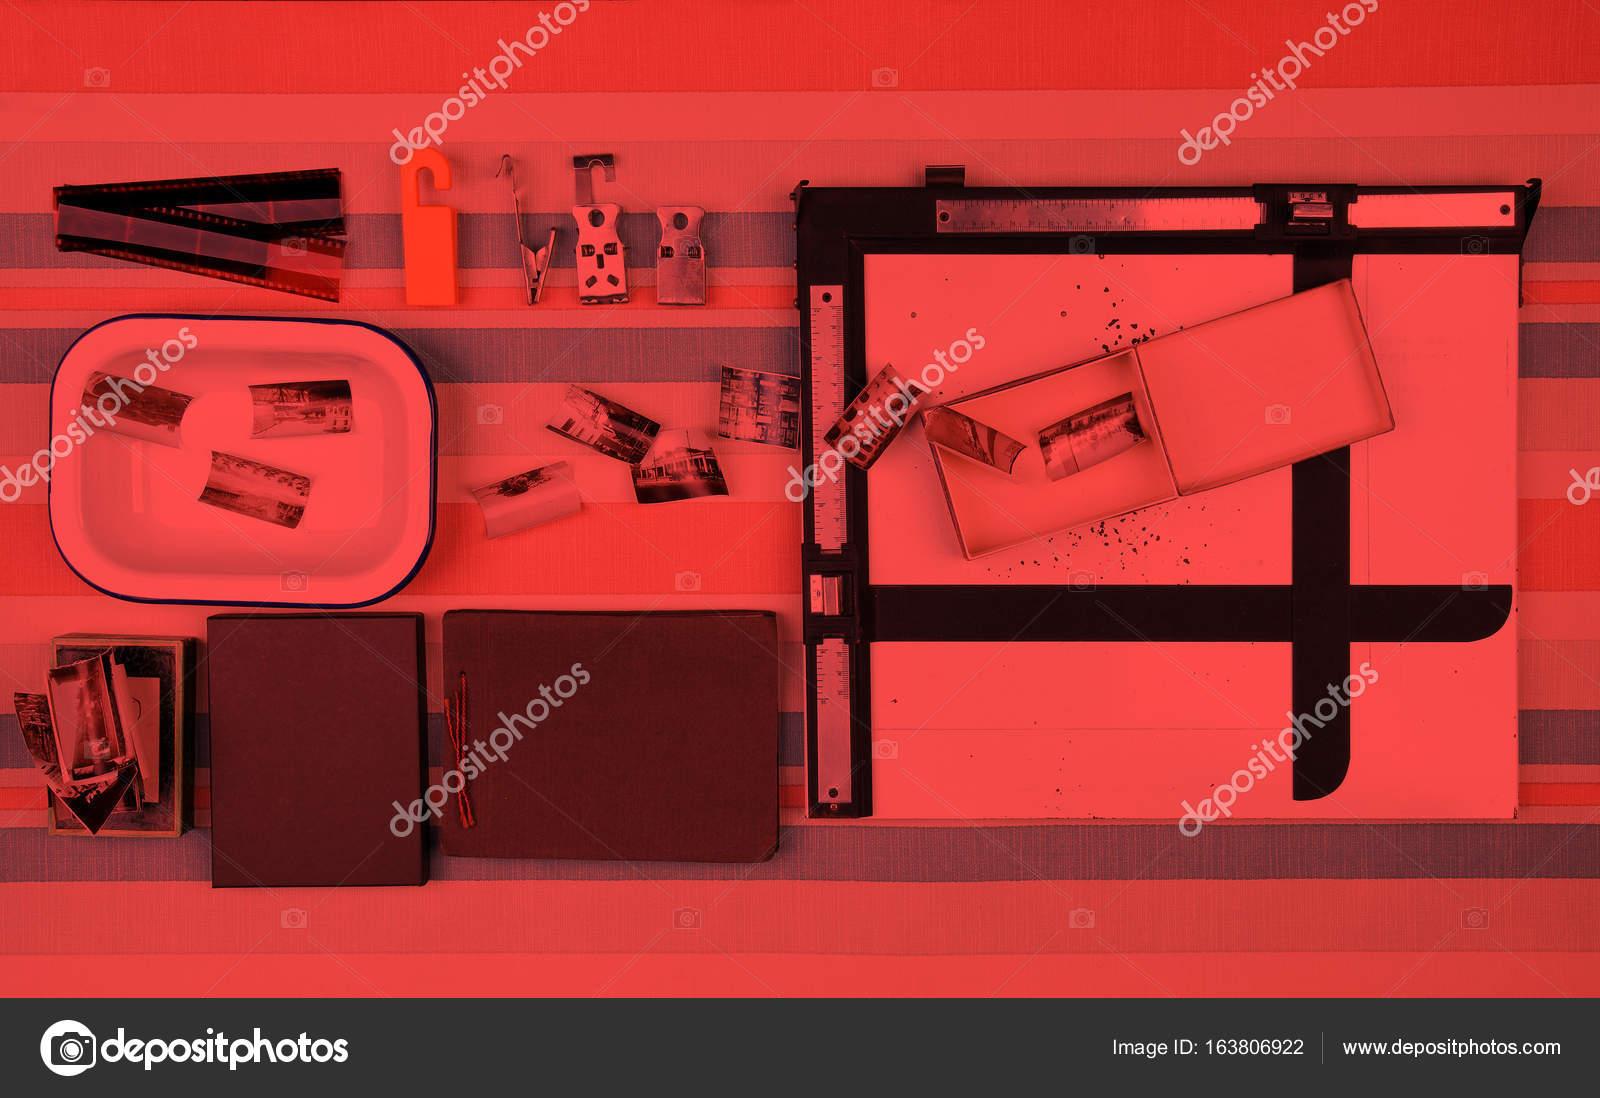 Herramientas de cuarto oscuro — Fotos de Stock © dp3010 #163806922